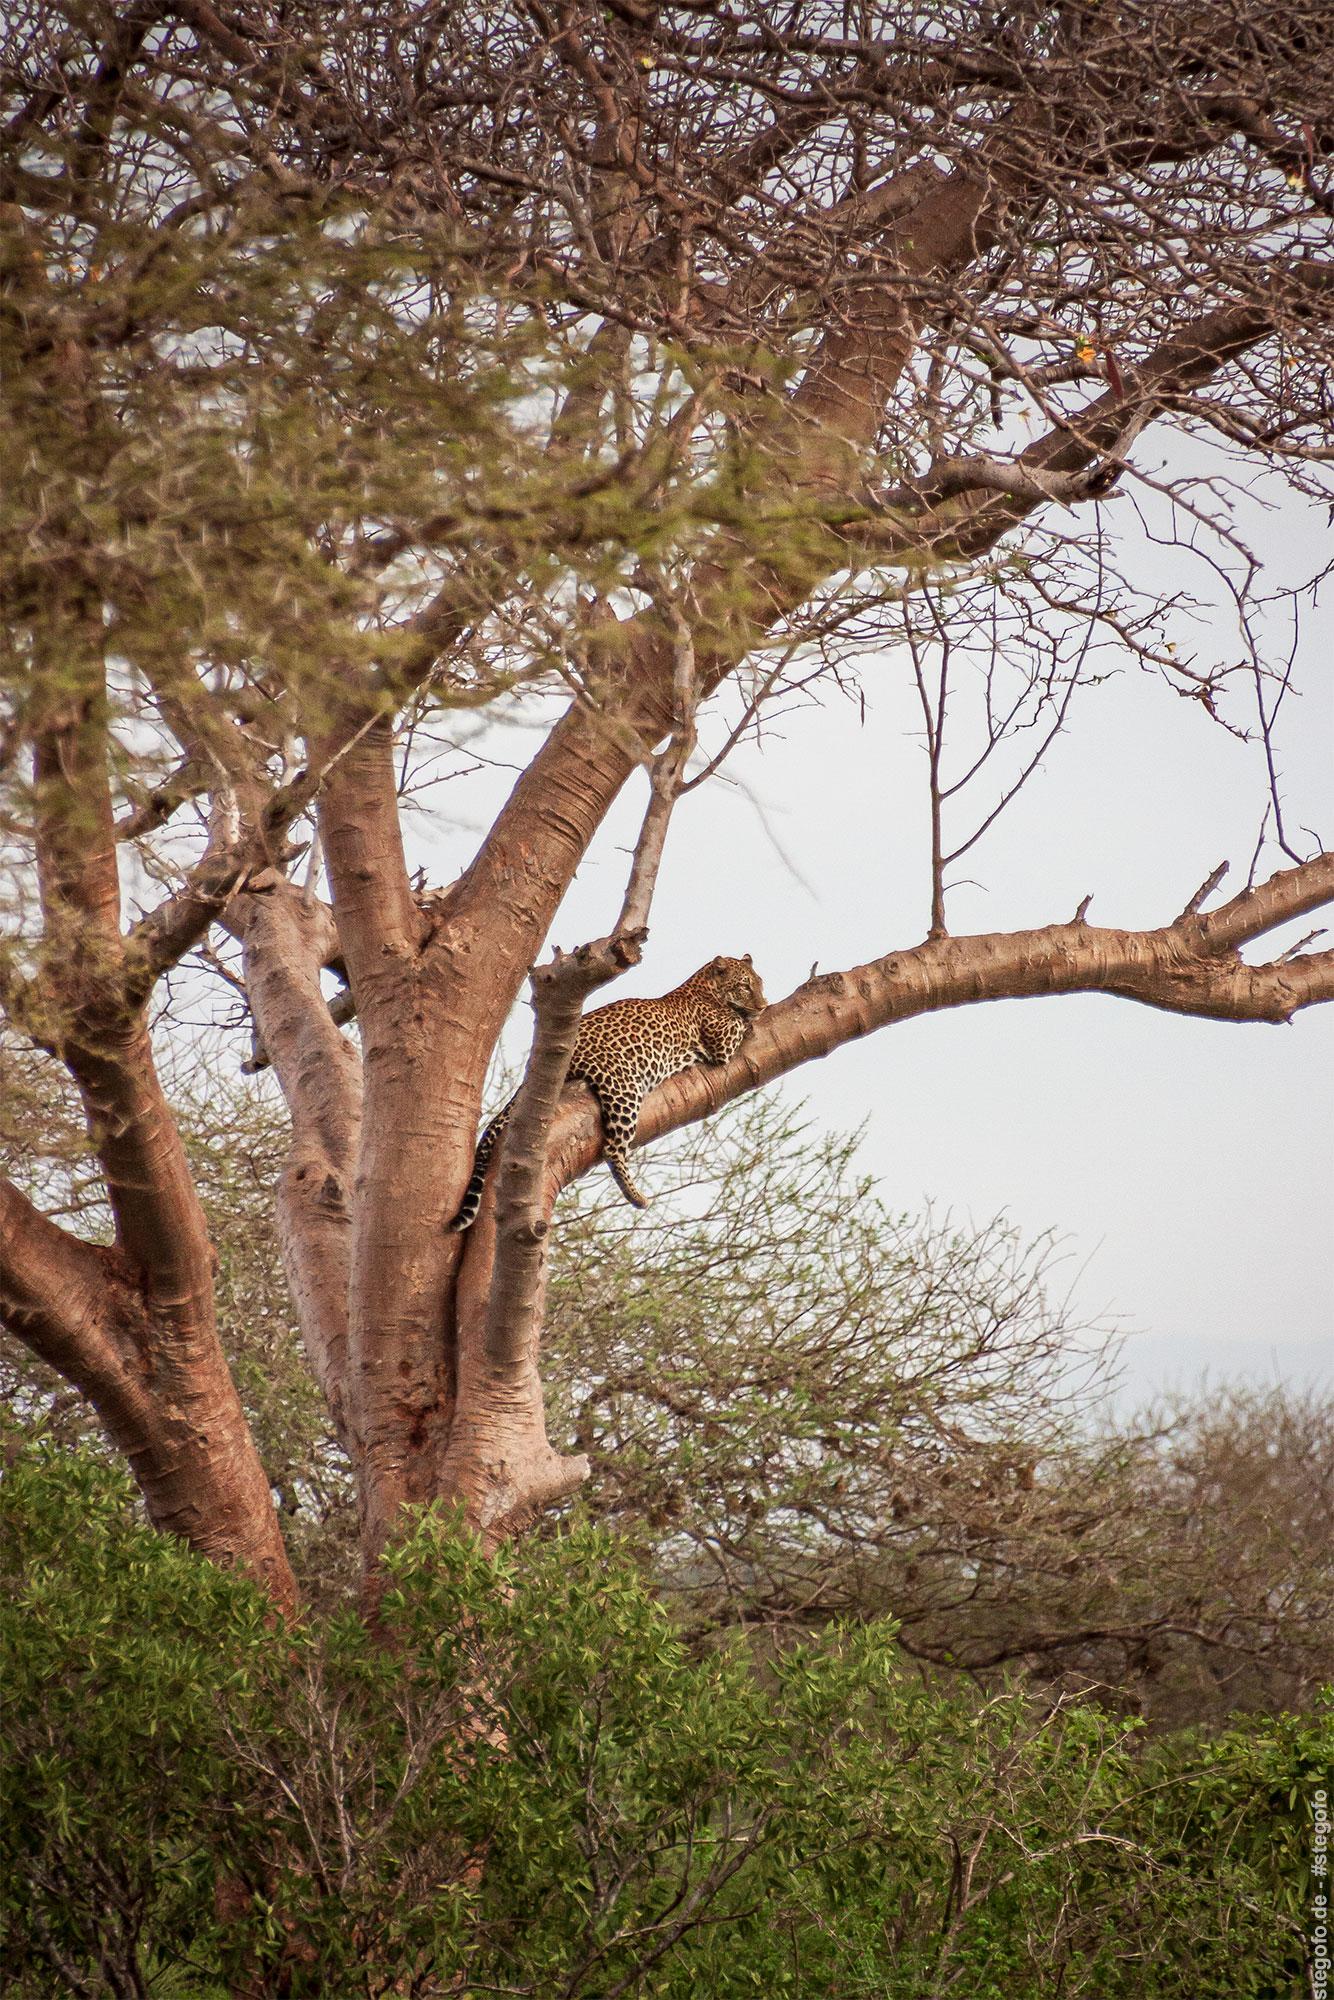 Der Leopard auf dem Baum